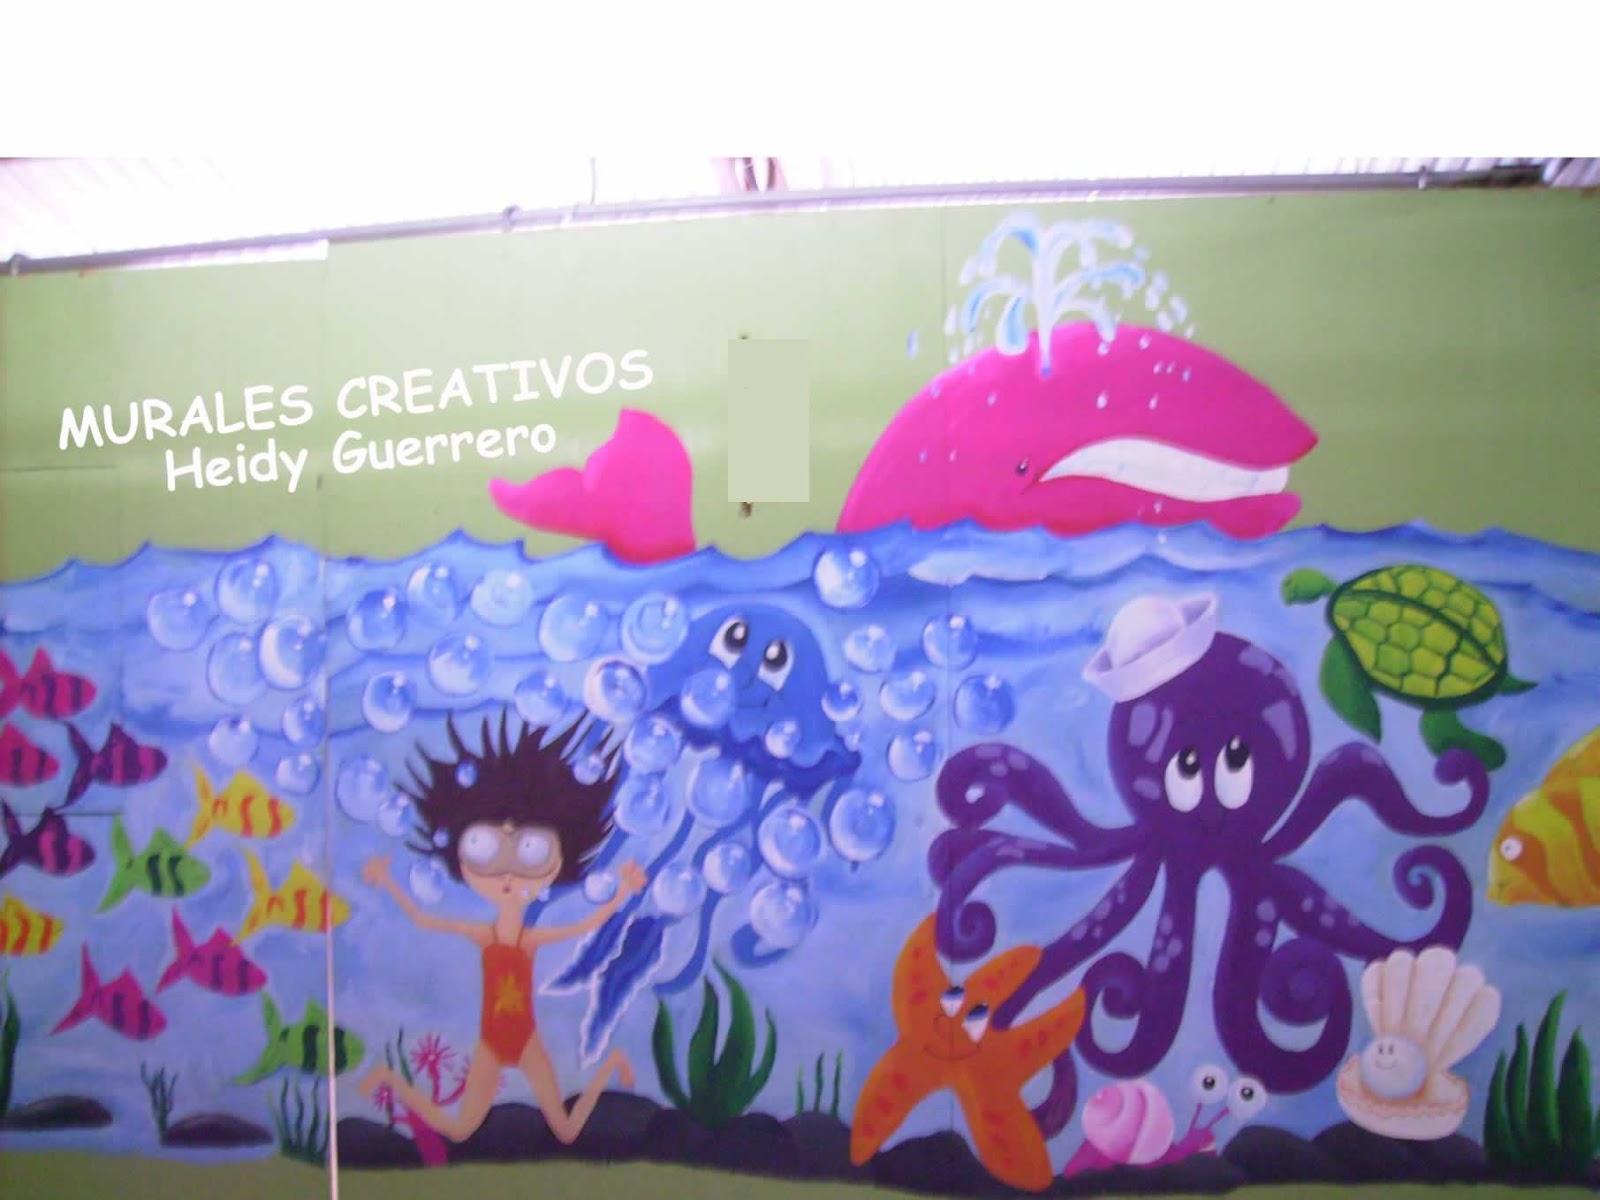 Murales creativos heidy guerrero decoracion centro de for Decoracion verano para jardin infantil